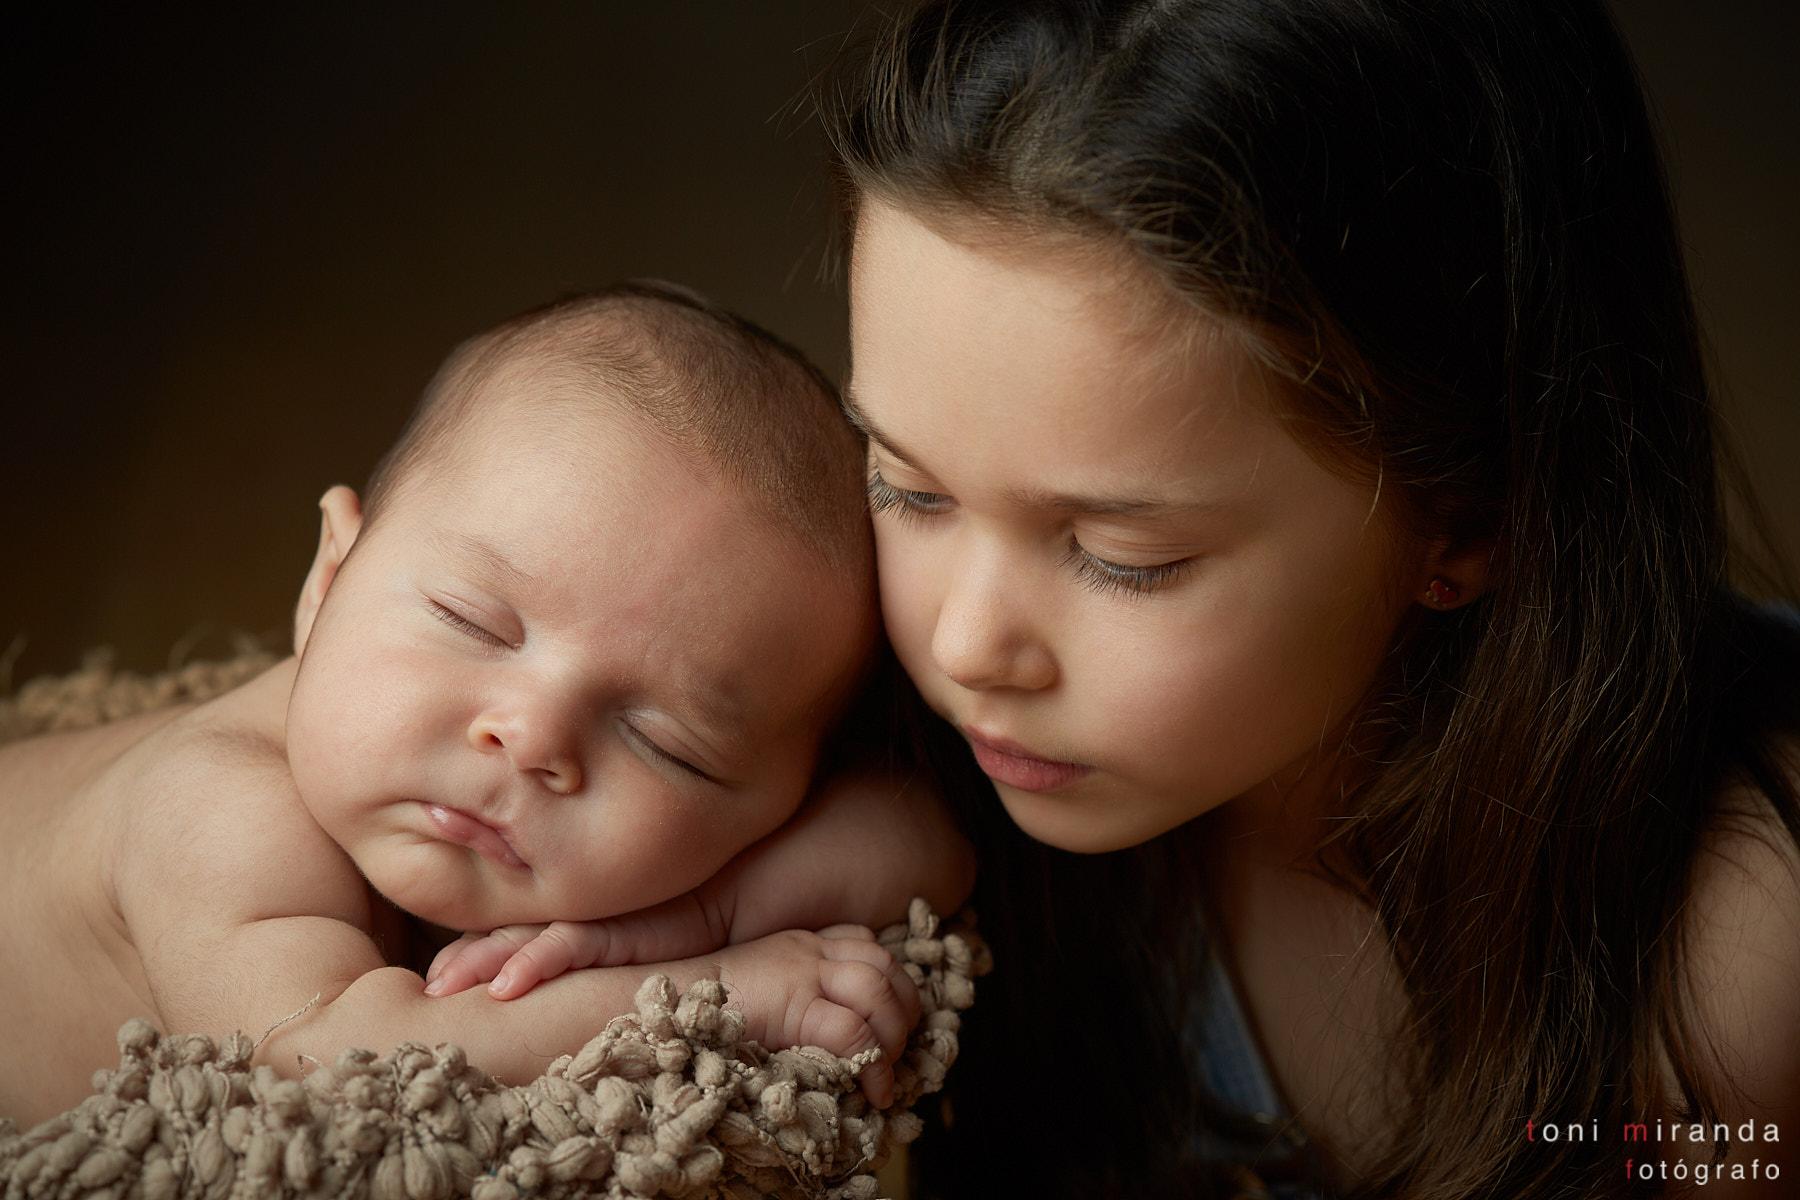 bebe con hermana durmiendo retratados en estudio